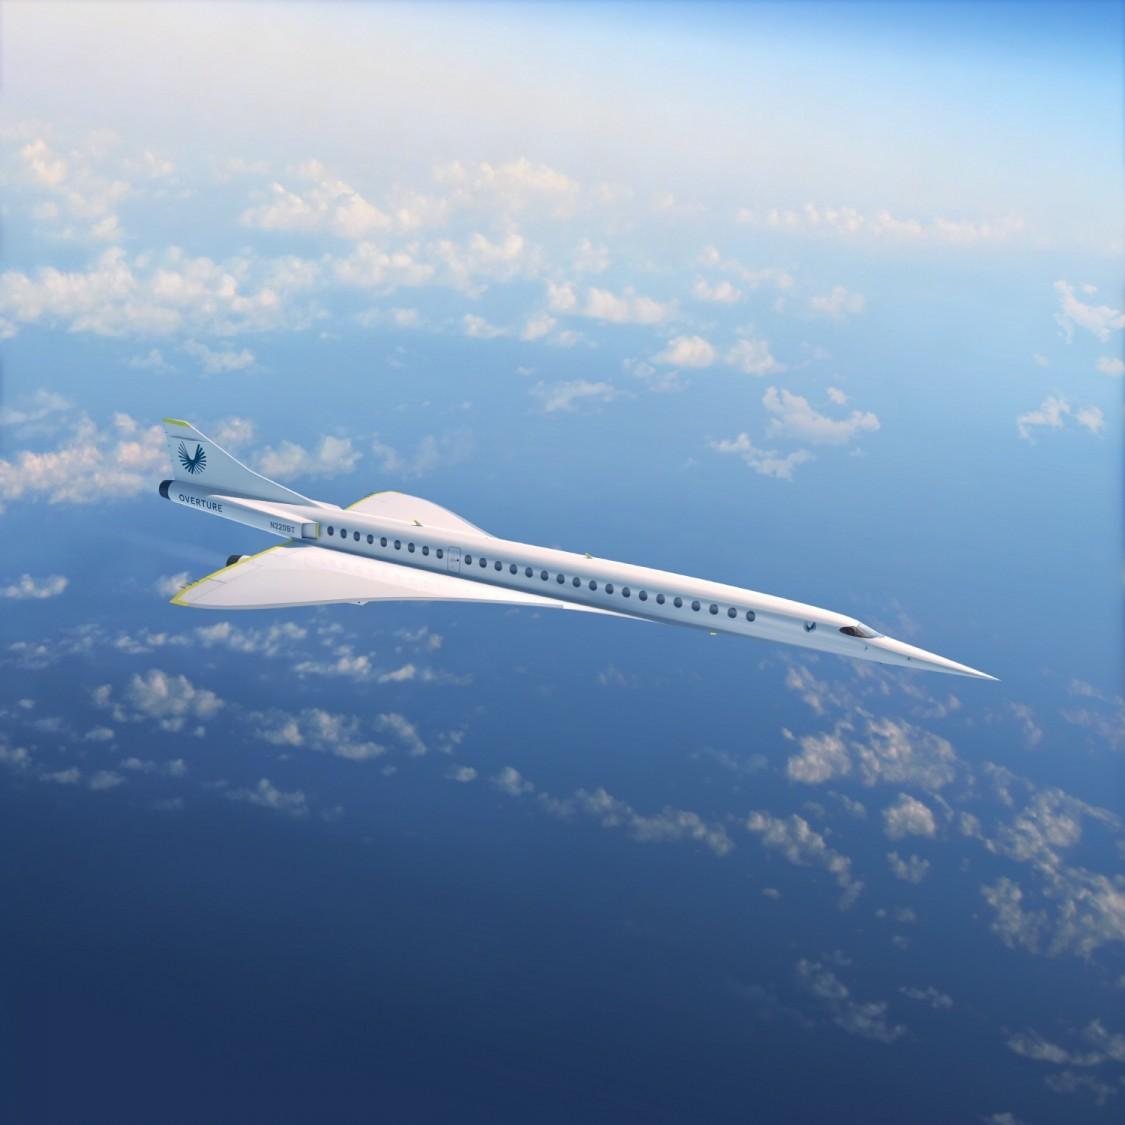 붐수퍼소닉(Boom Supersonic)의 마하 2.2의 초음속 여객기 '오버처(Overture)', 사진제공=붐수퍼소닉